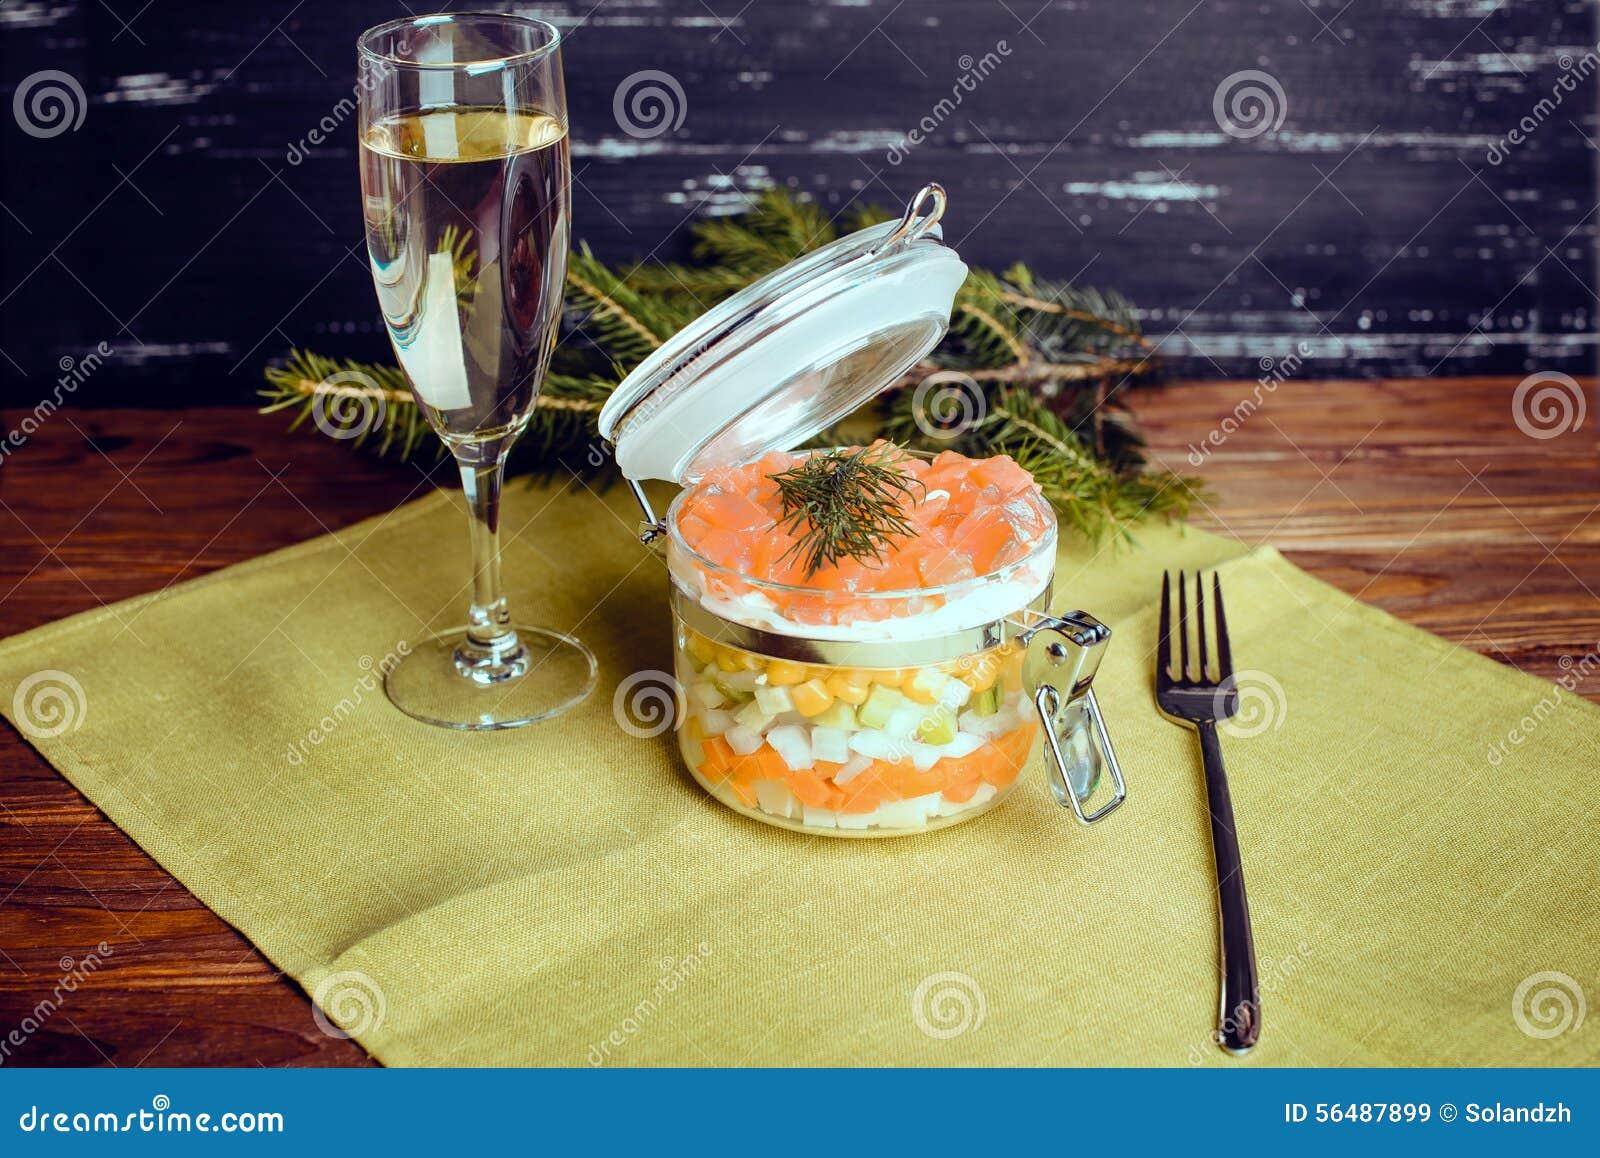 Salade sophistiquée avec le champagne et fourchette sur un fond en bois